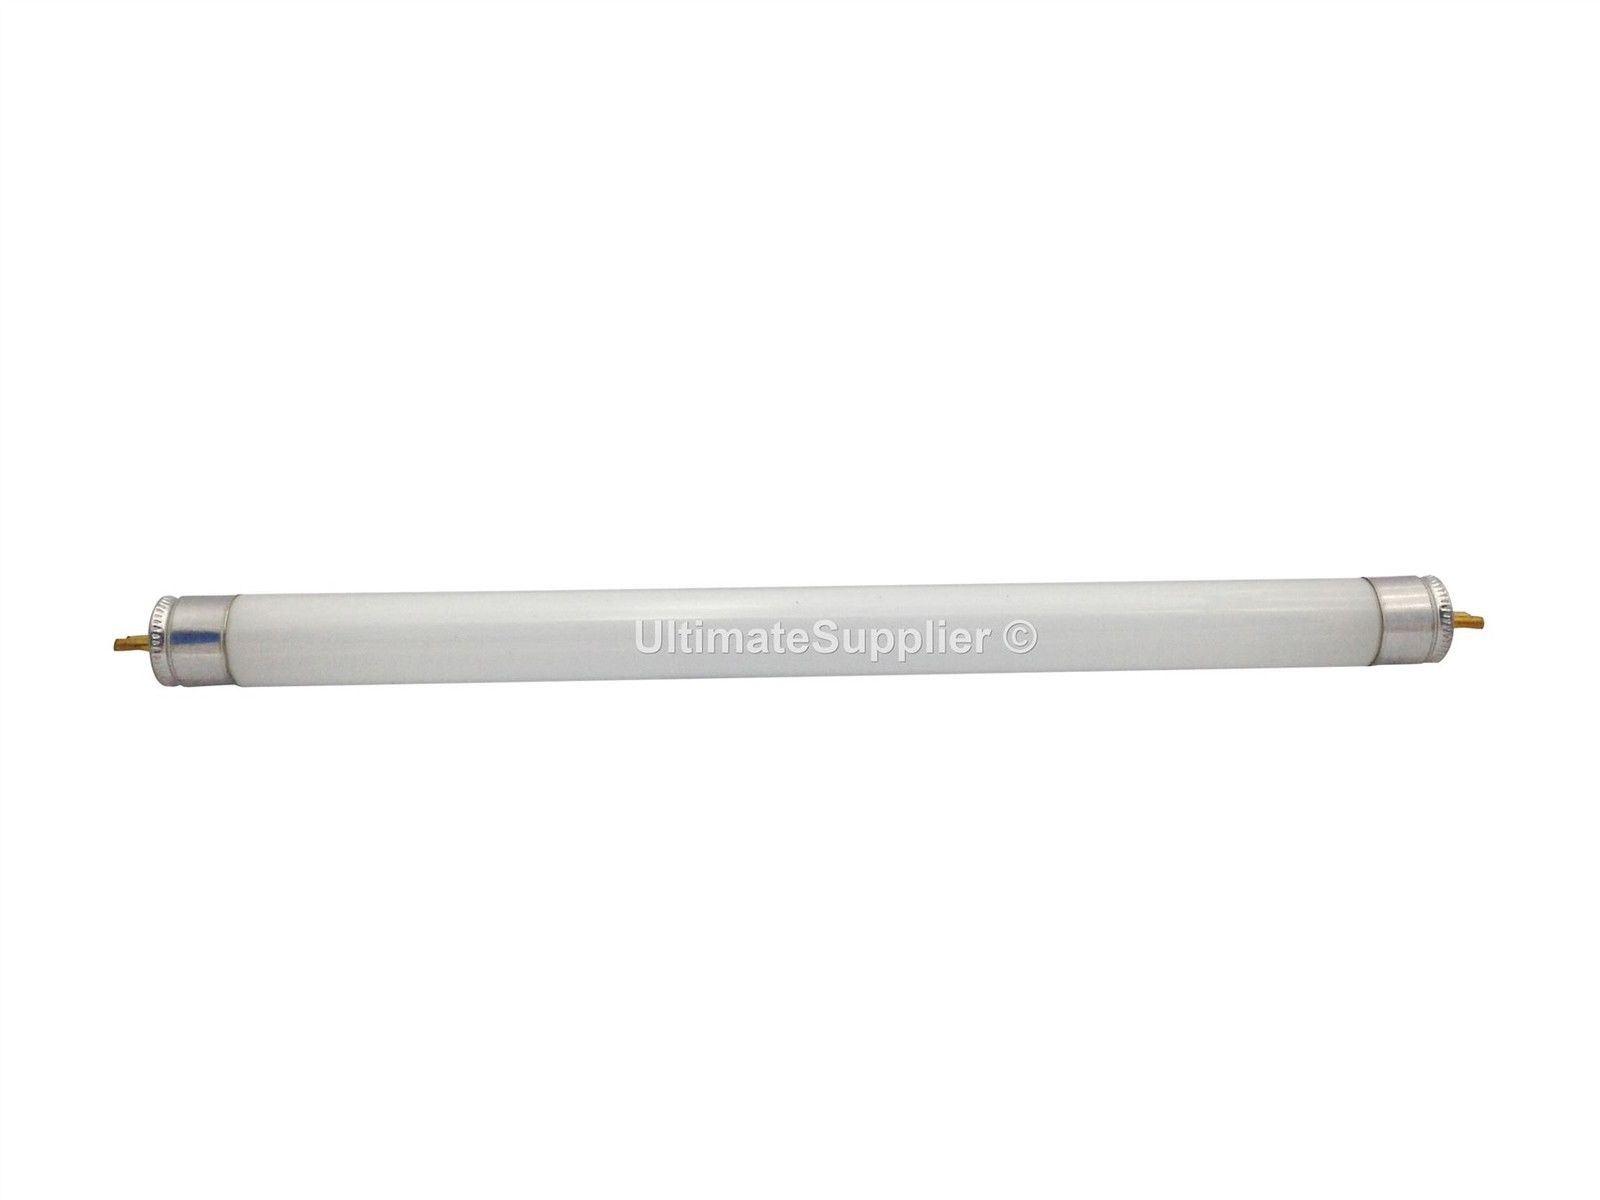 T5 tubo fluorescente 4w 6 6w 8w 12 13w 21 14 bombilla - Lampara tubo fluorescente ...